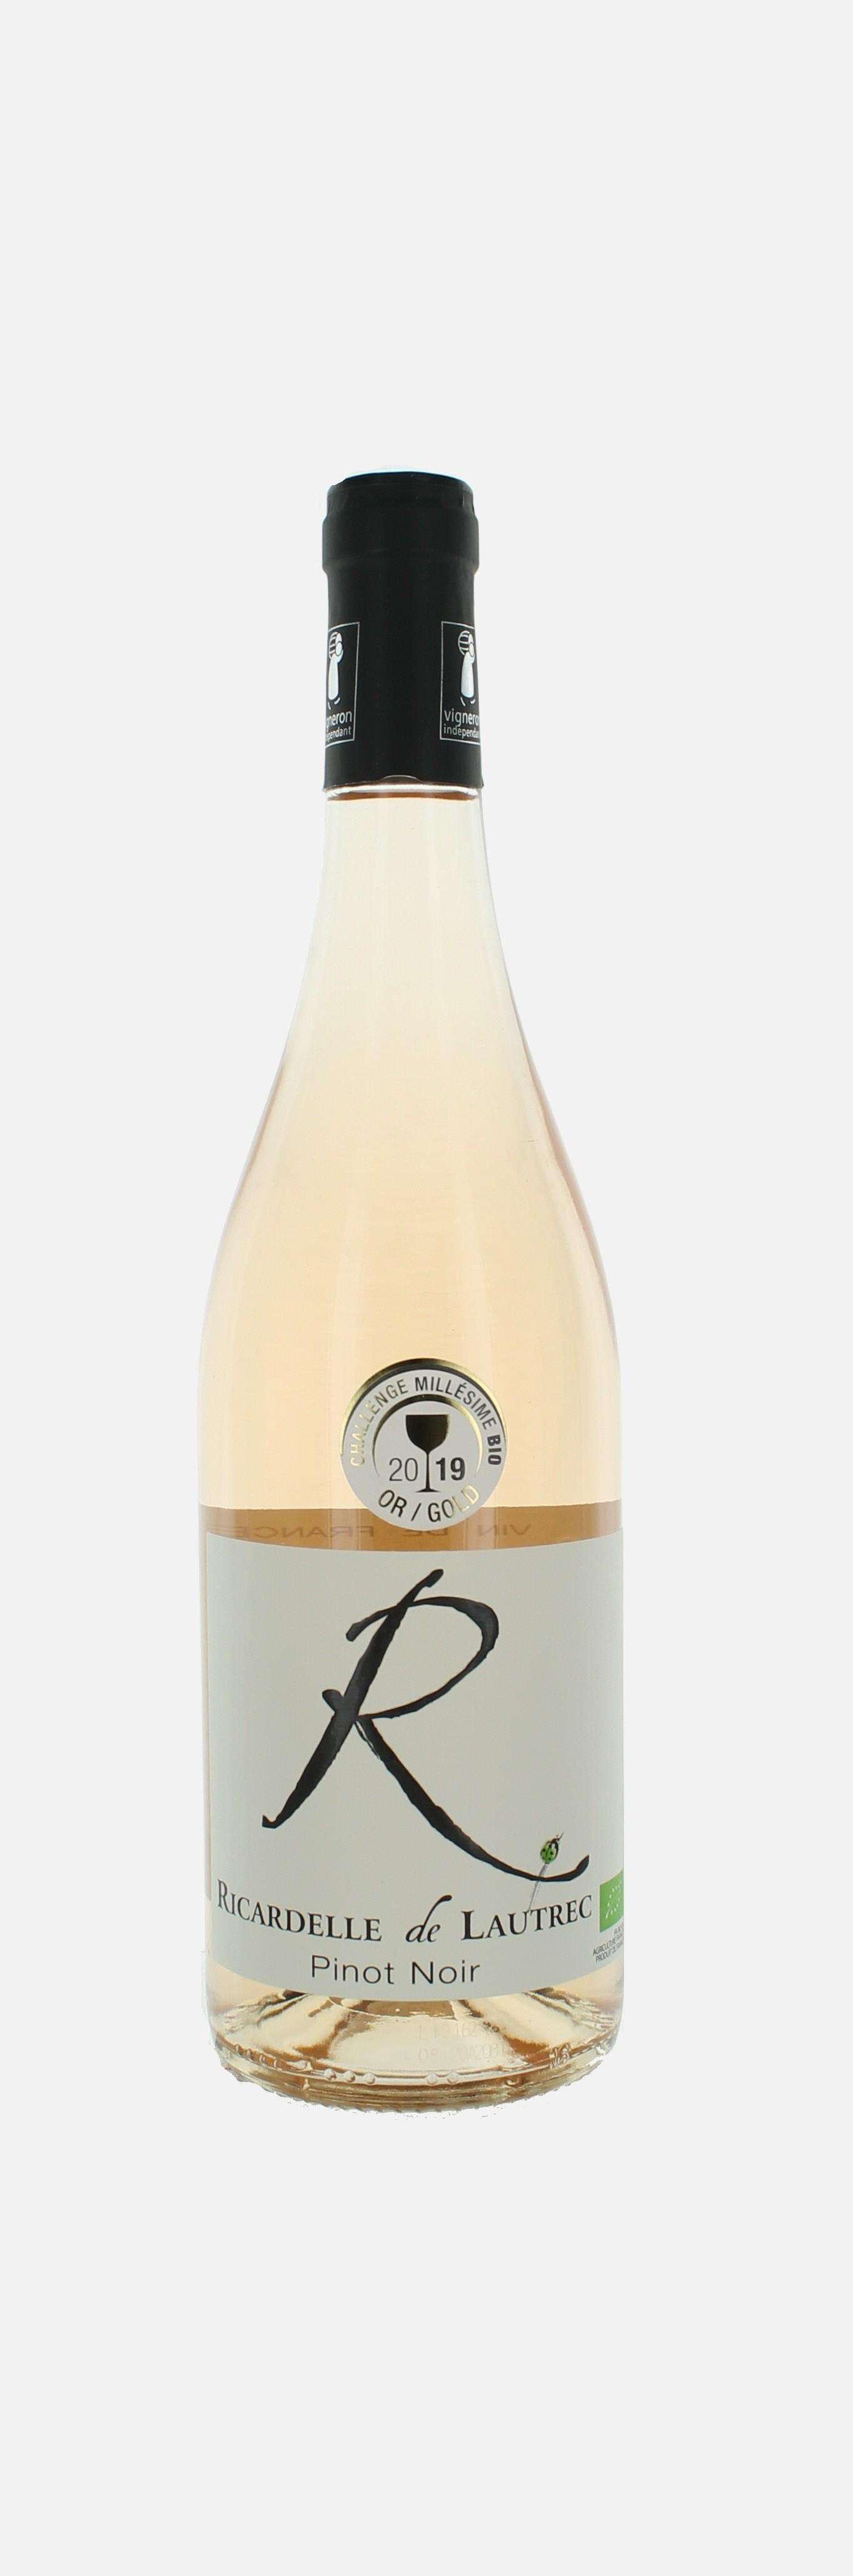 R, Pinot Noir , Ricardelle de Lautrec